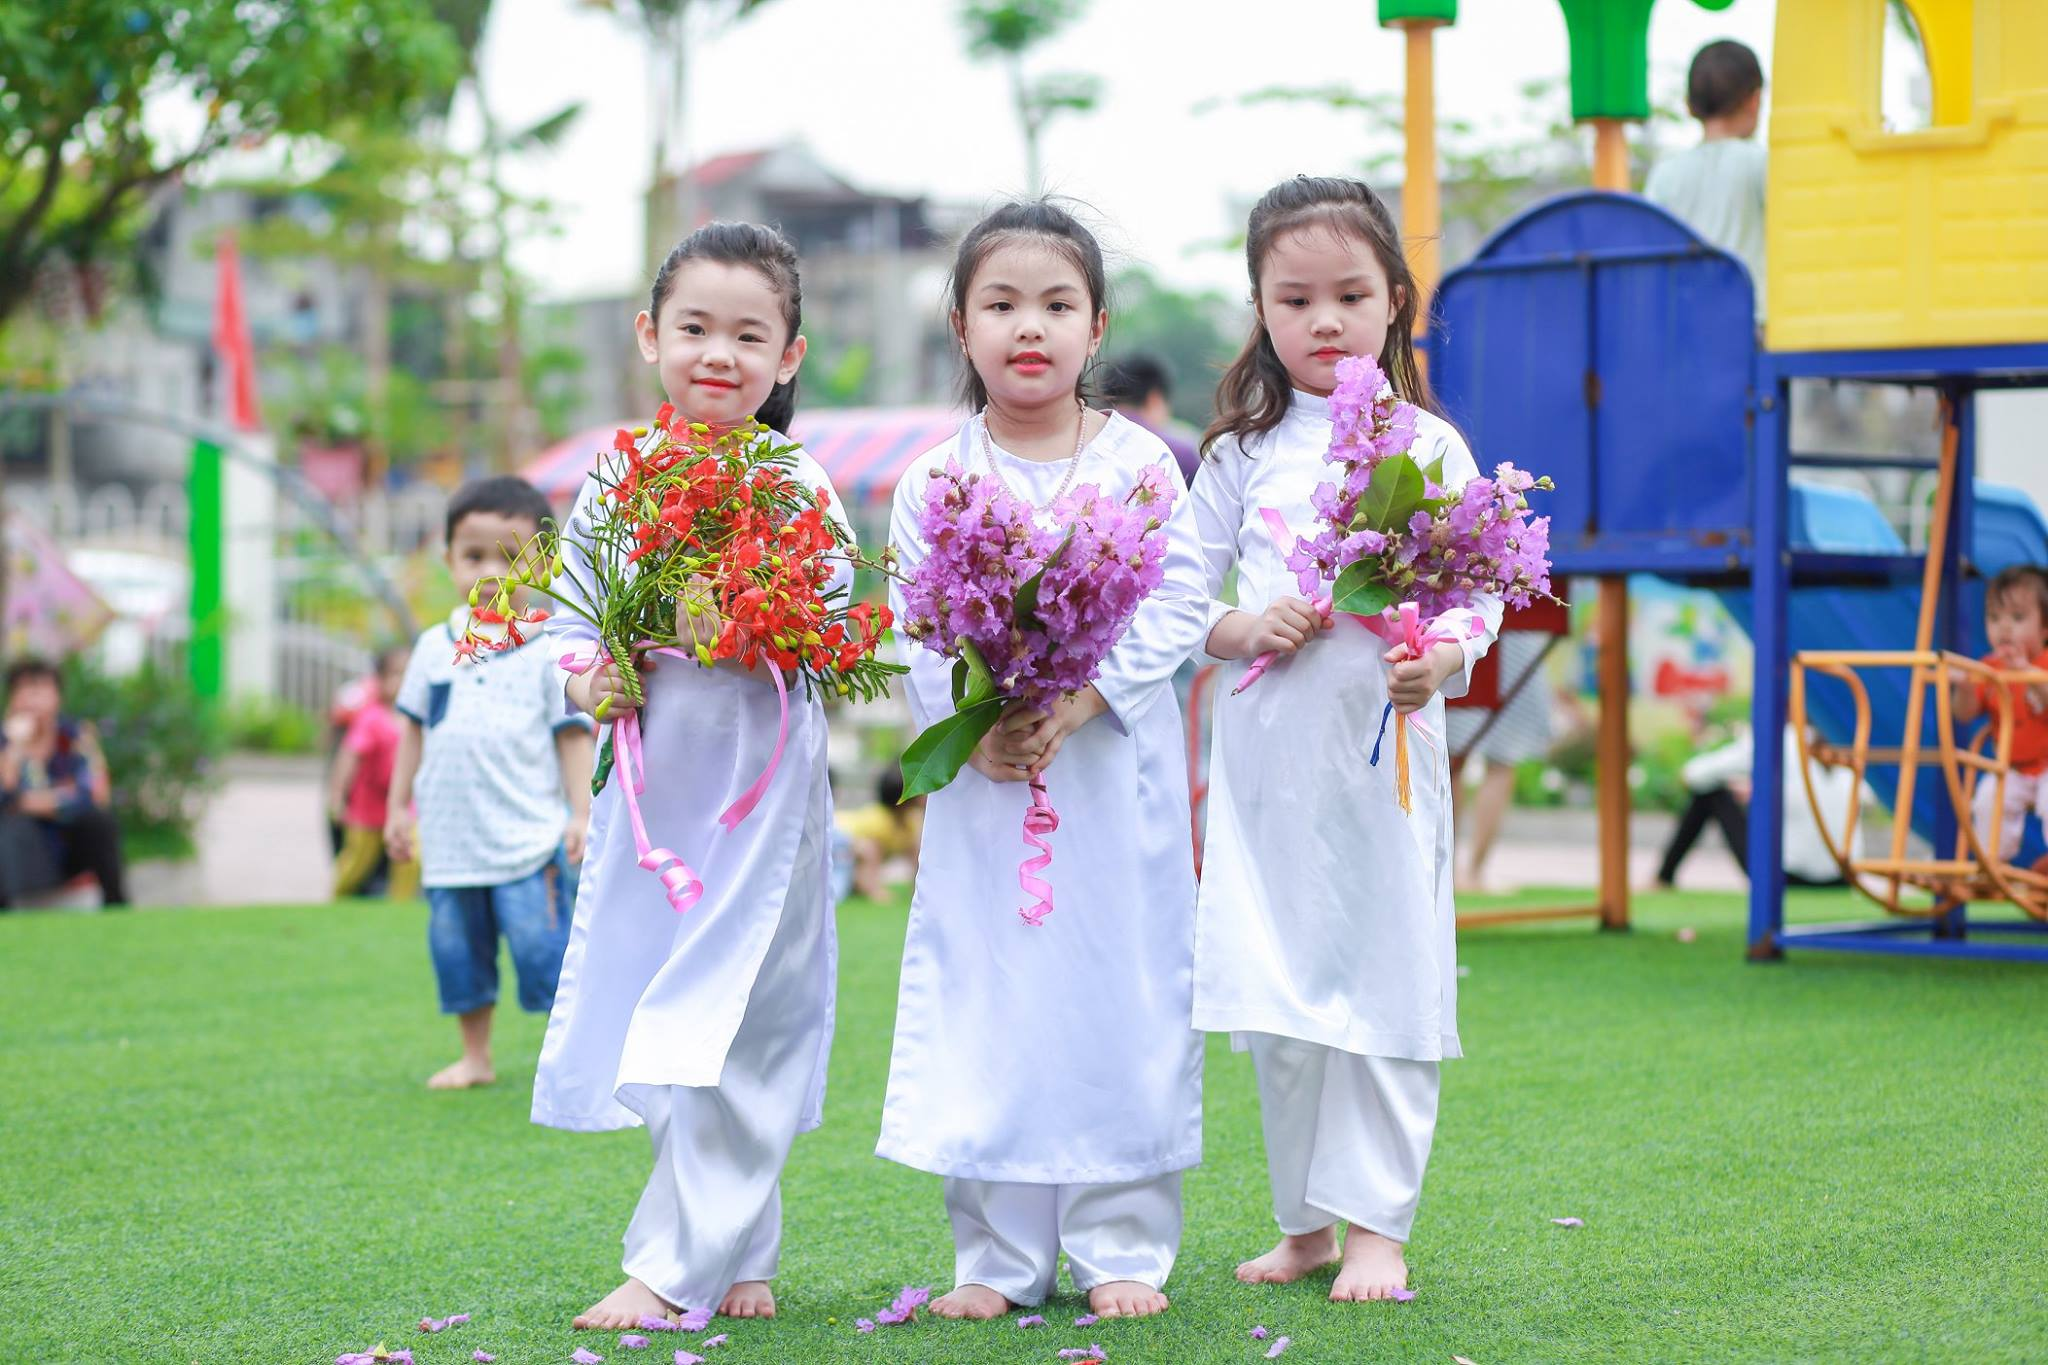 Hình ảnh đẹp của các bé Quốc tế Hoa Trạng Nguyên